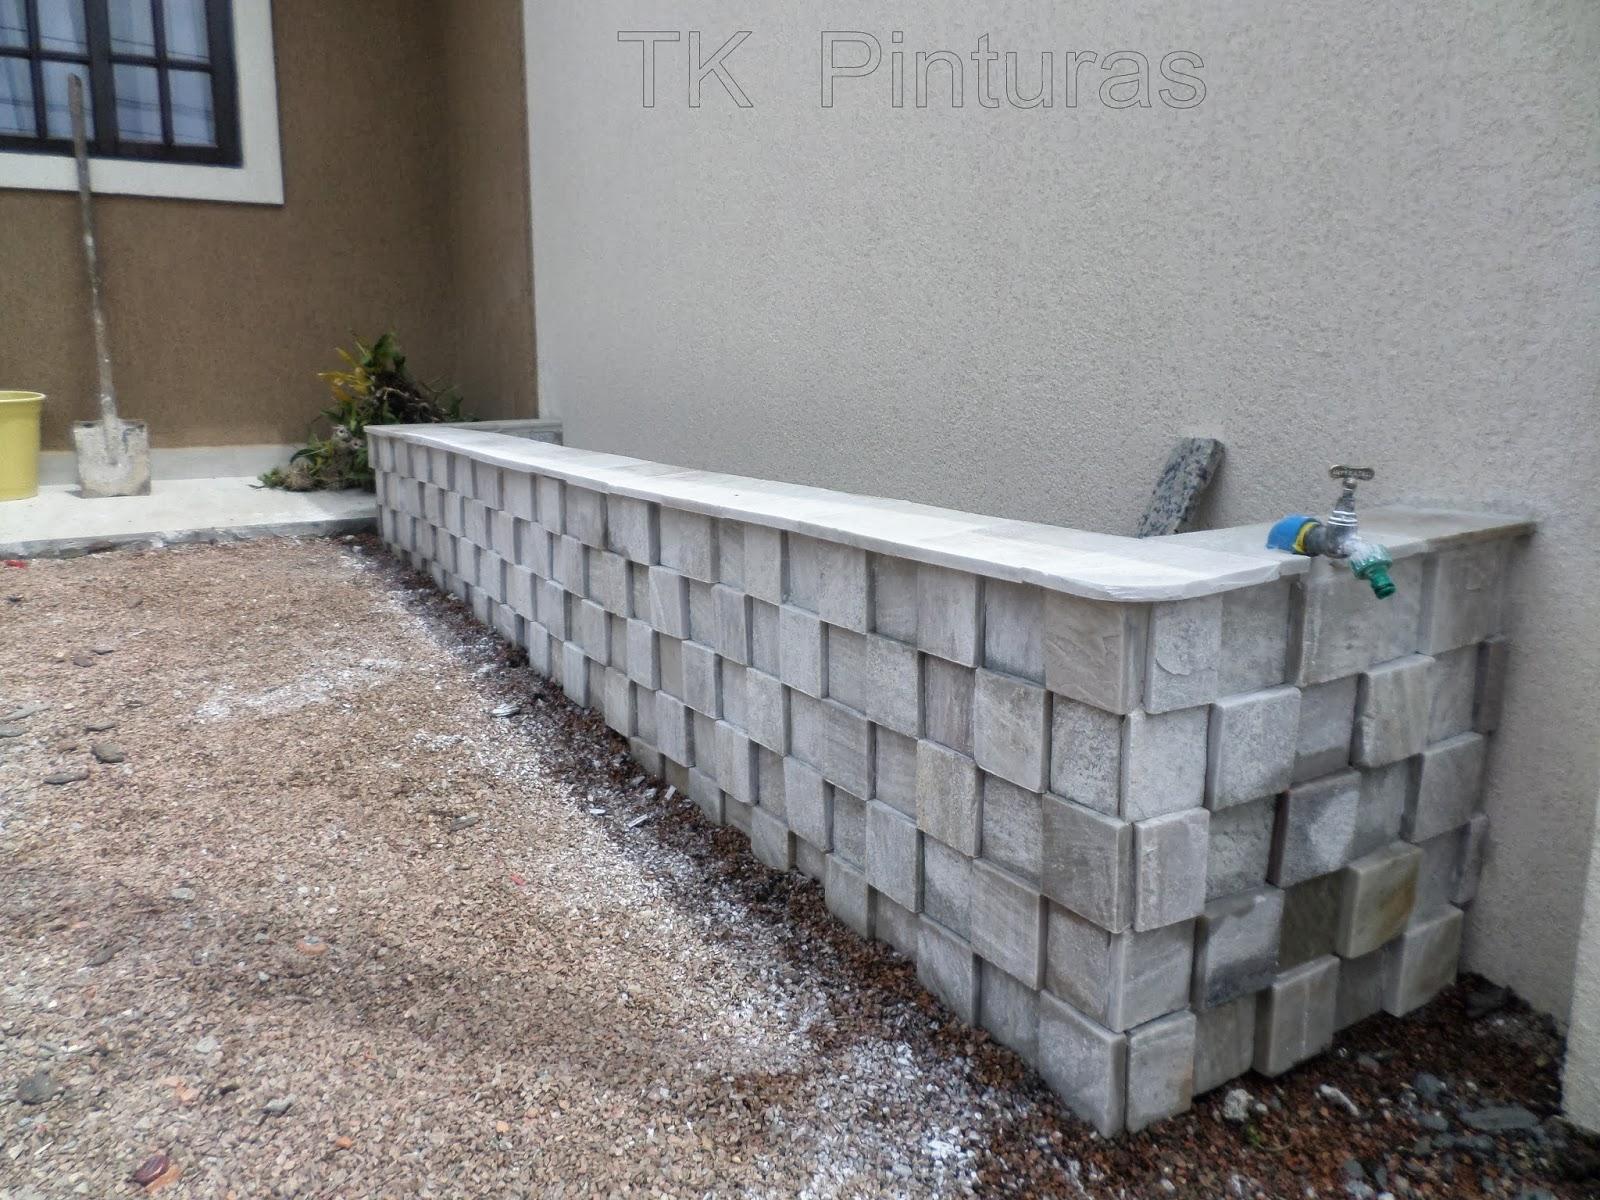 Kleber Renner: Construindo edícula passo a passo #685B4B 1600x1200 Banheiro Com Grafiato